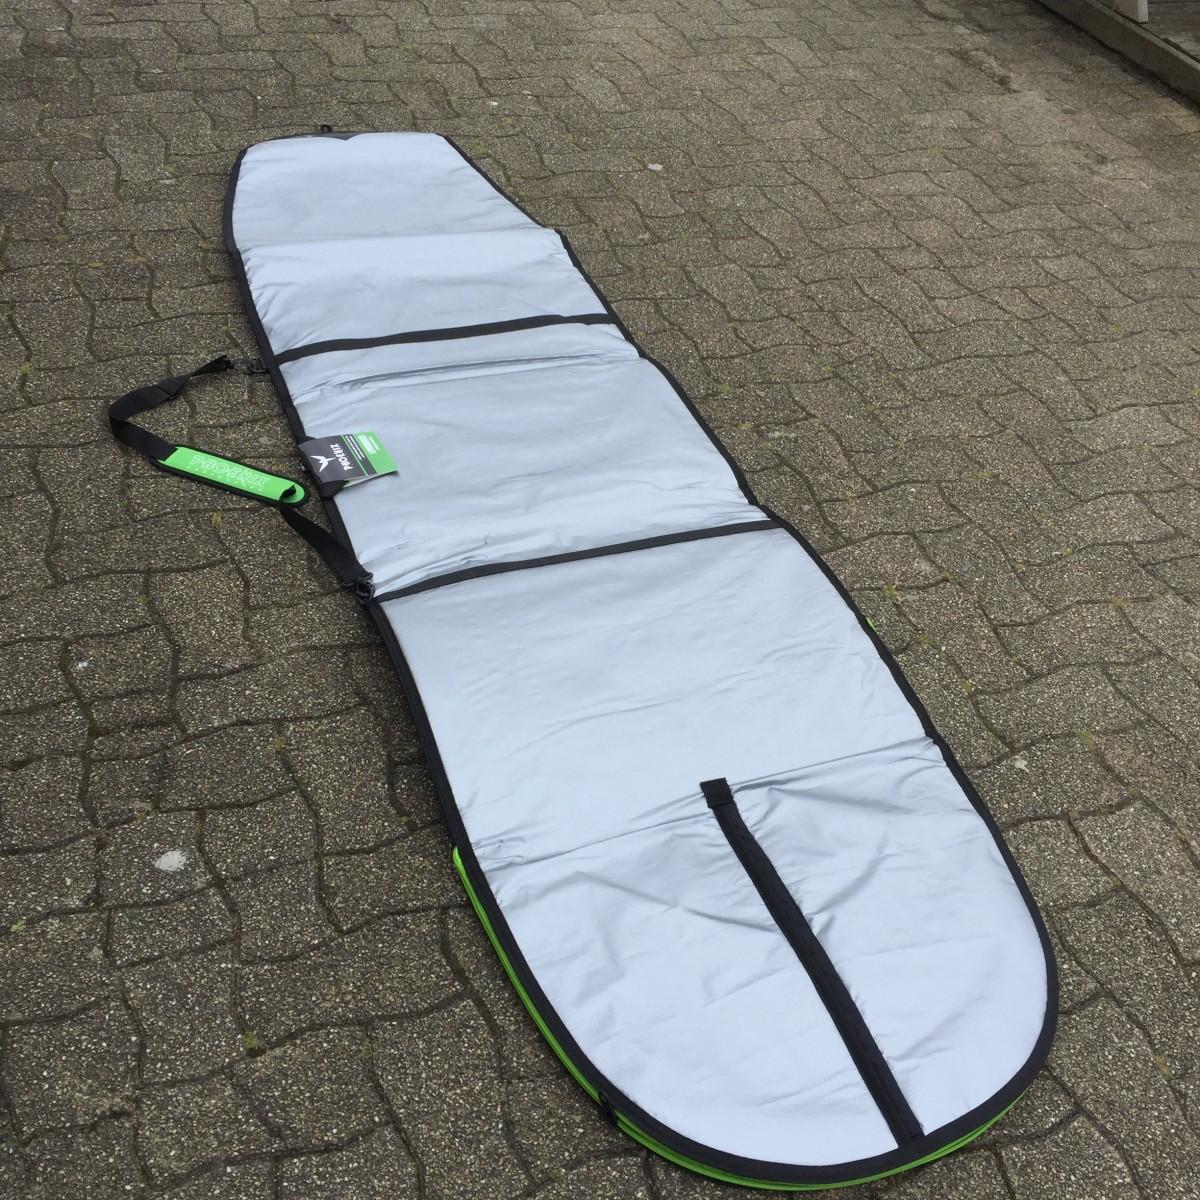 House longboard 9'2